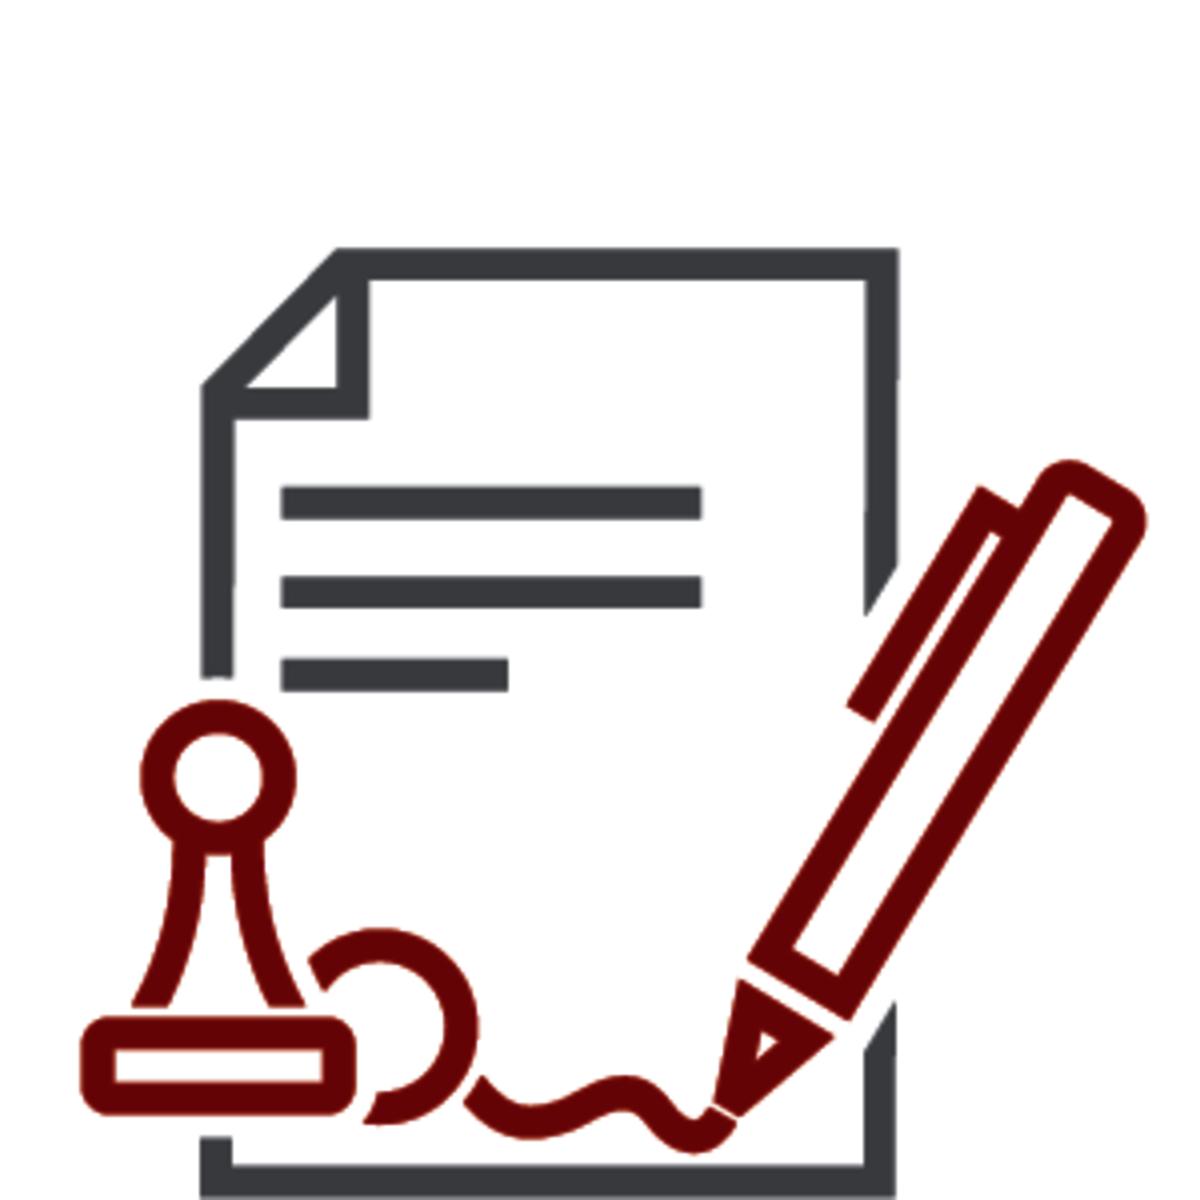 LT Lawtank - Traducciones certificadas - Confirmación de diligencia debida